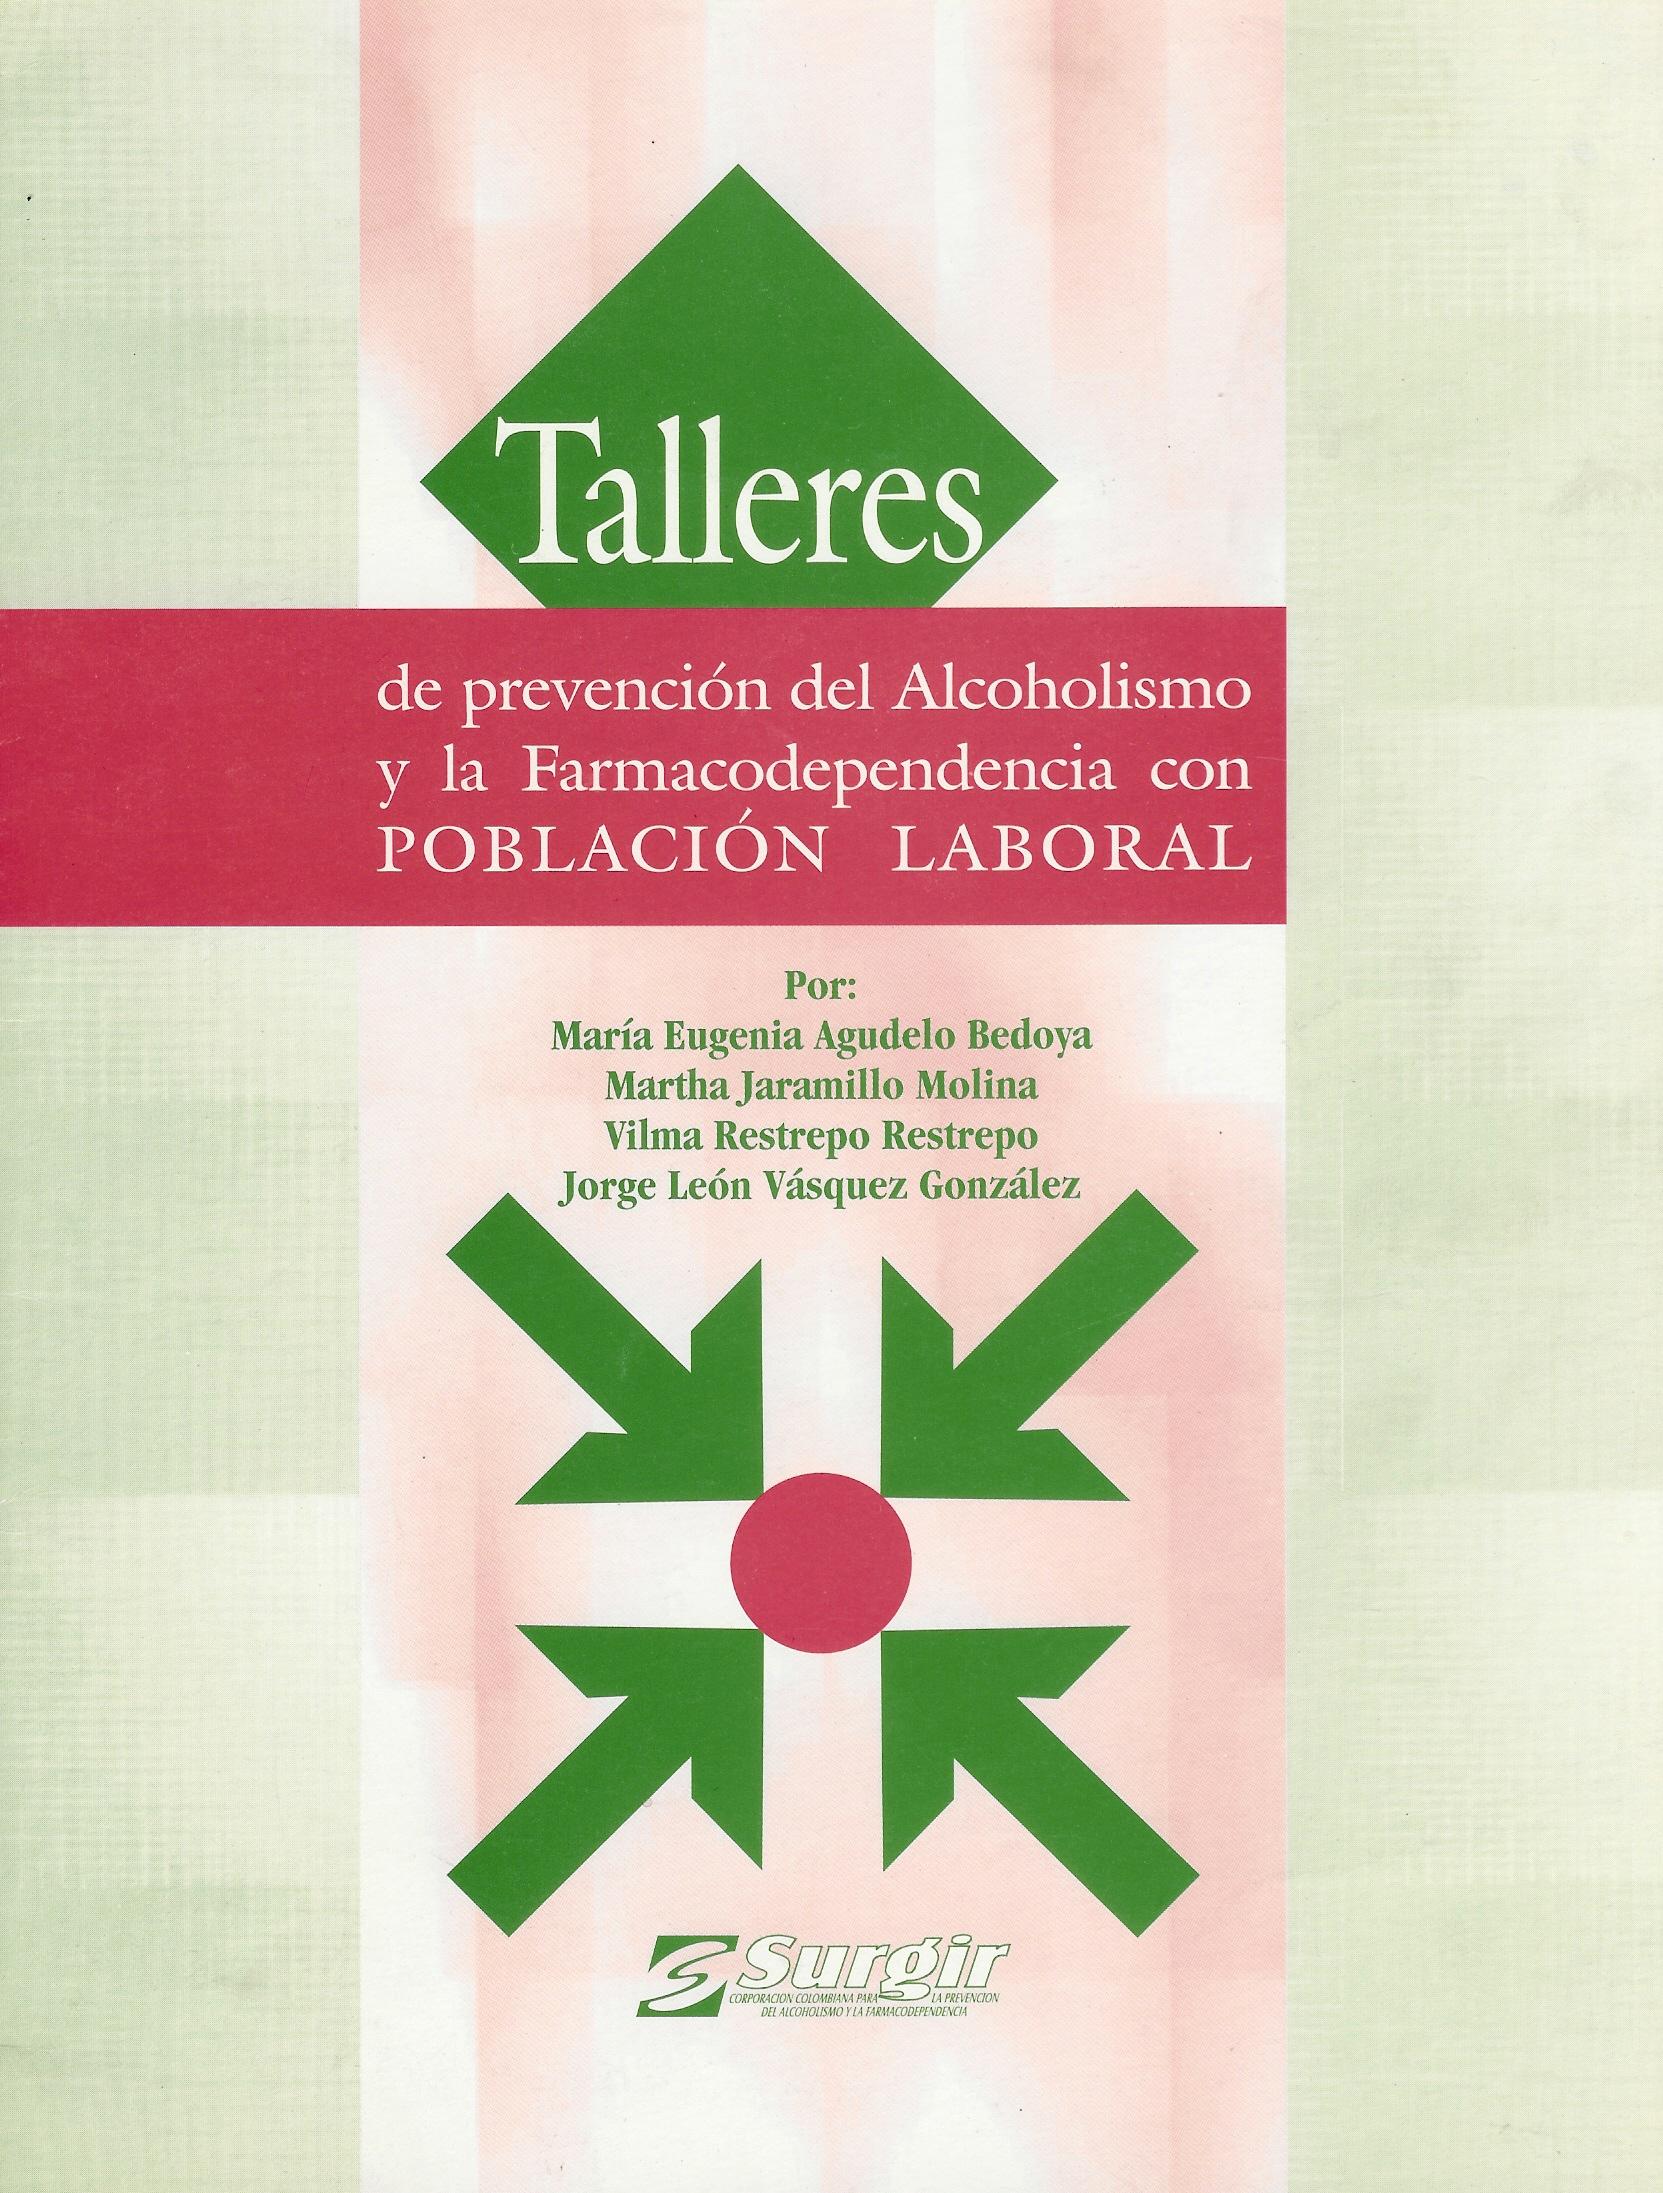 Taller de prevención de alcoholismo y farmacodependencia con población laboral